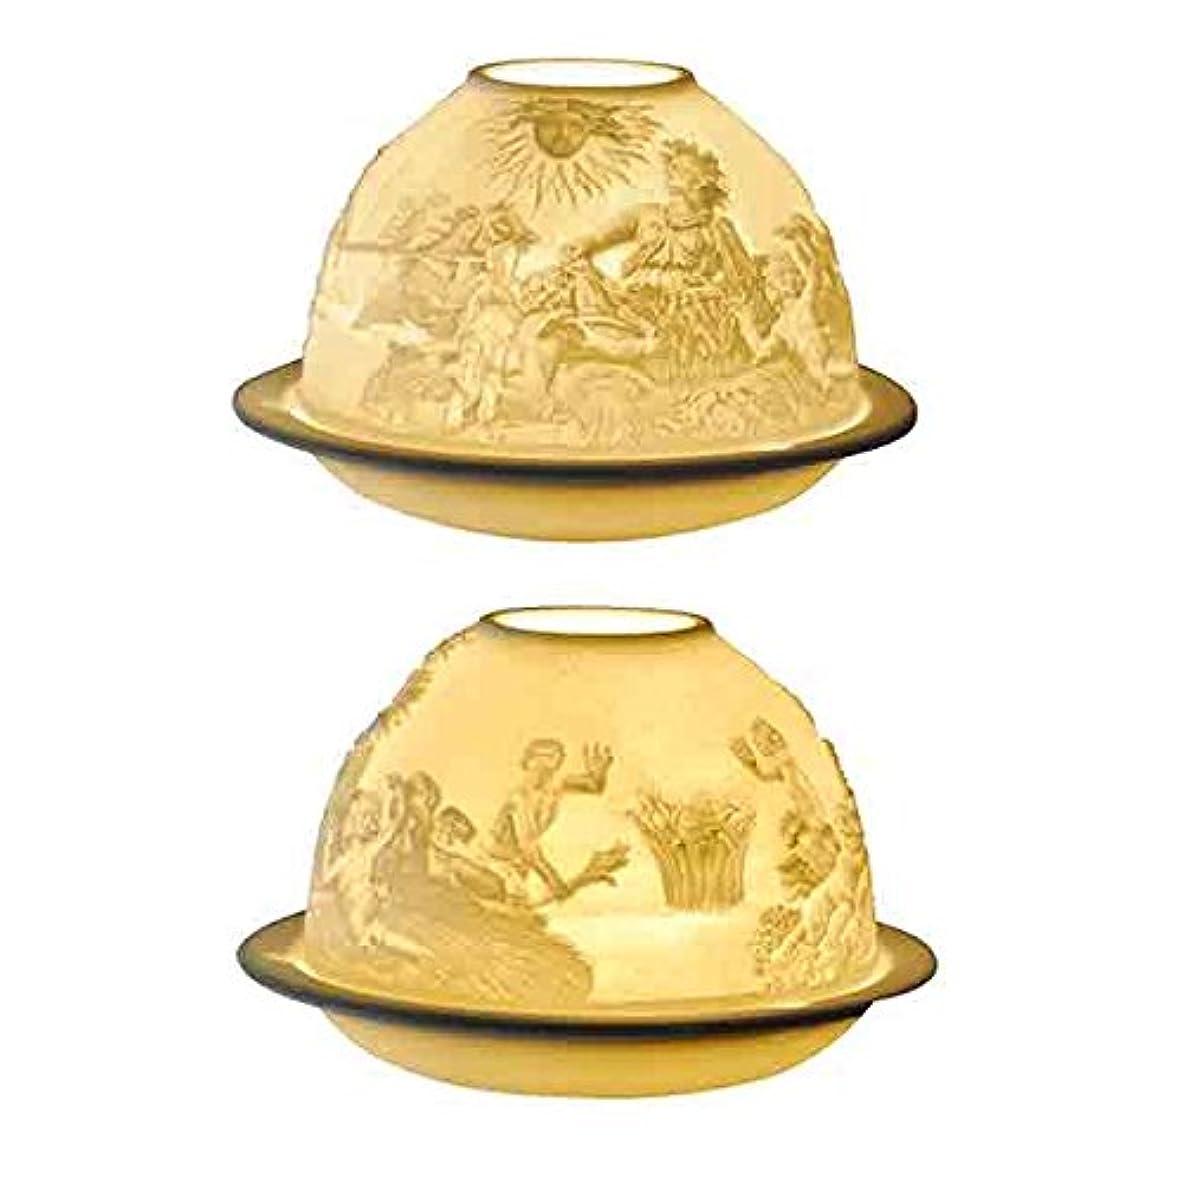 伴う手錠泥ベルナルド[BERNARDAUD] キャンドル用リトファニー ランプ 「ヴェルサイユ宮殿の大噴水」フランス製 リモージュ